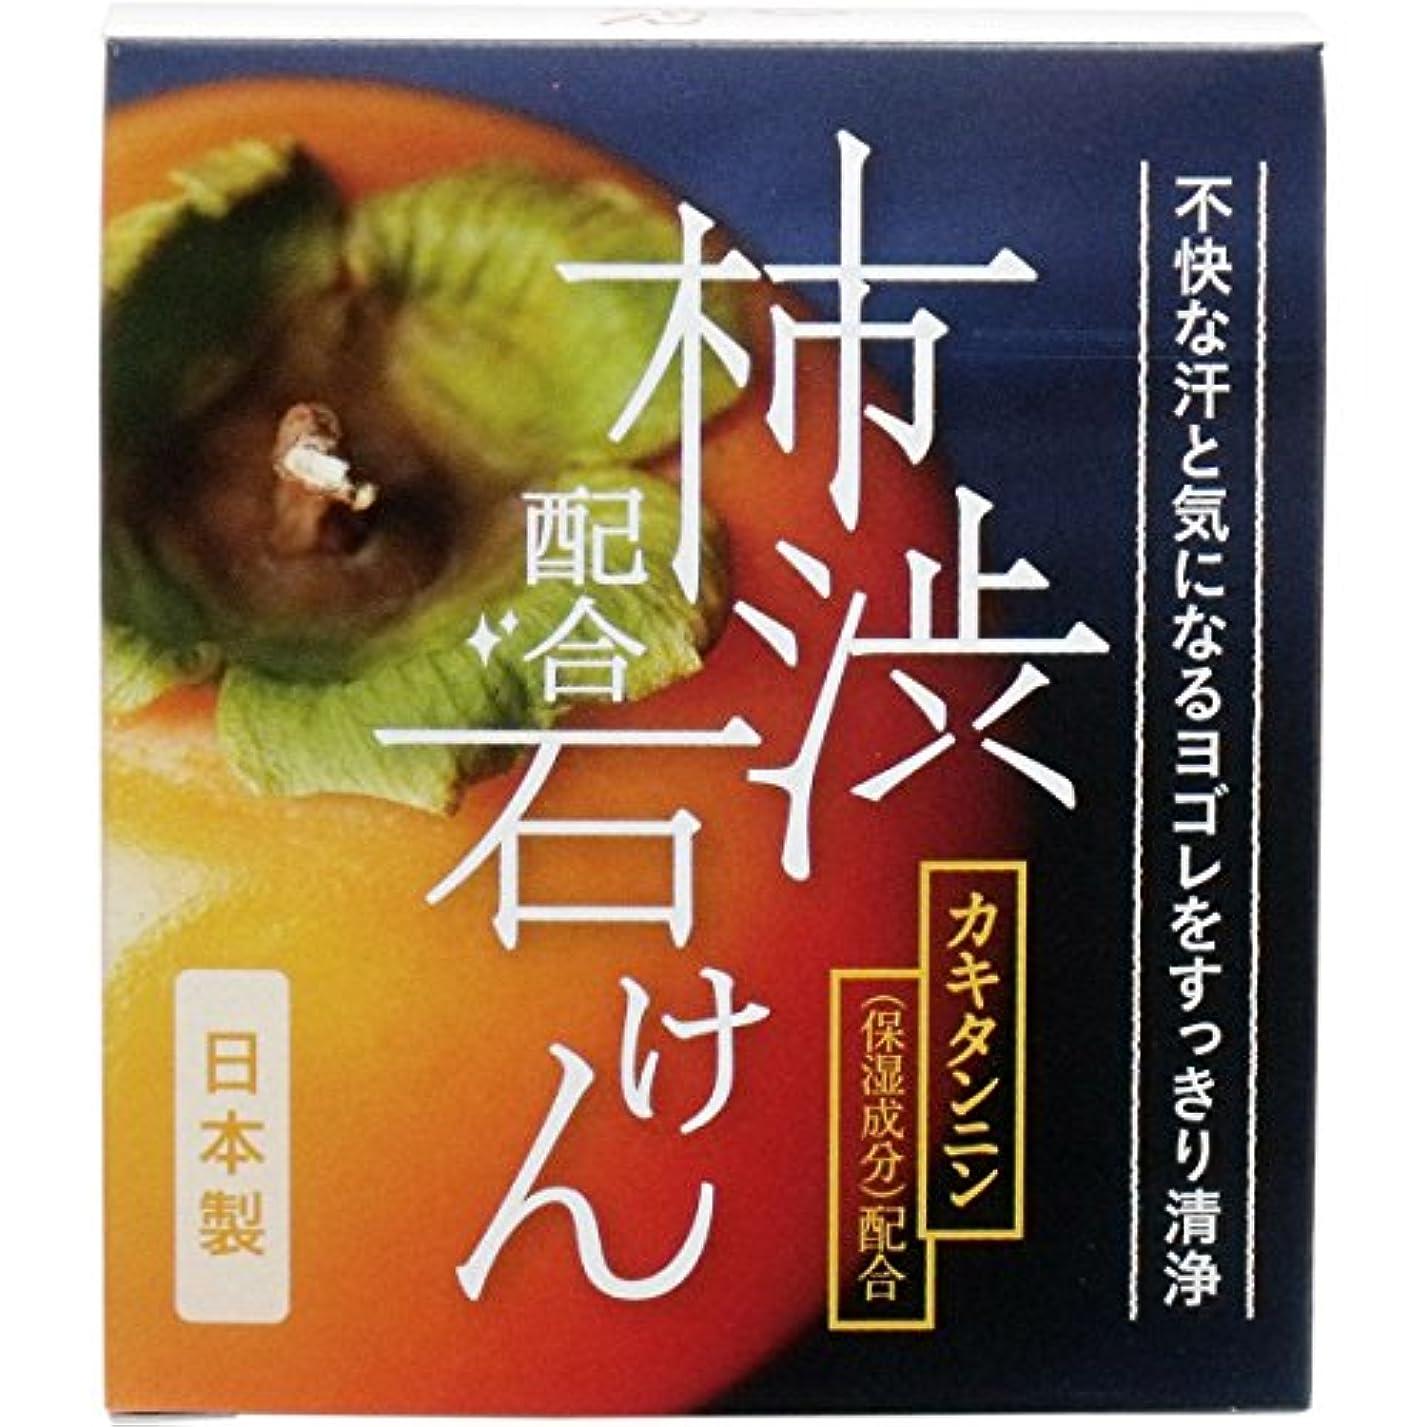 同意ベジタリアン眩惑するW柿渋配合石けん WHY-SKA 100g